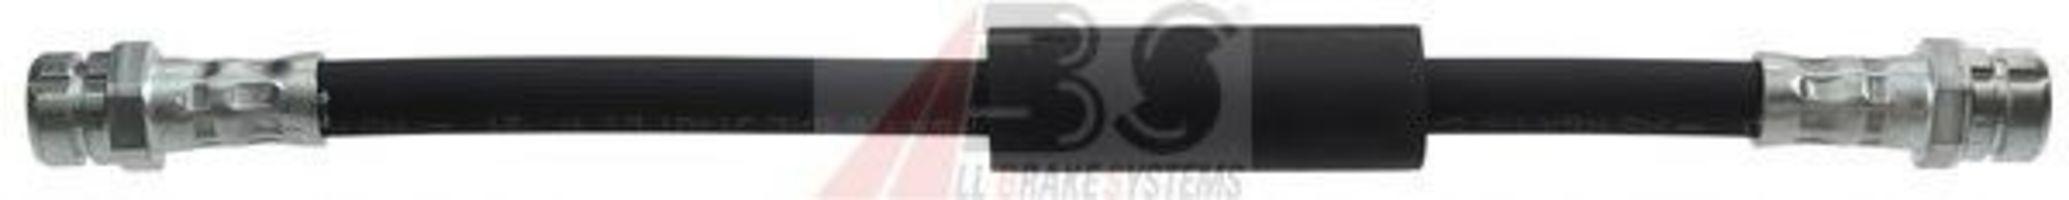 Шланг тормозной A.B.S. SL6097